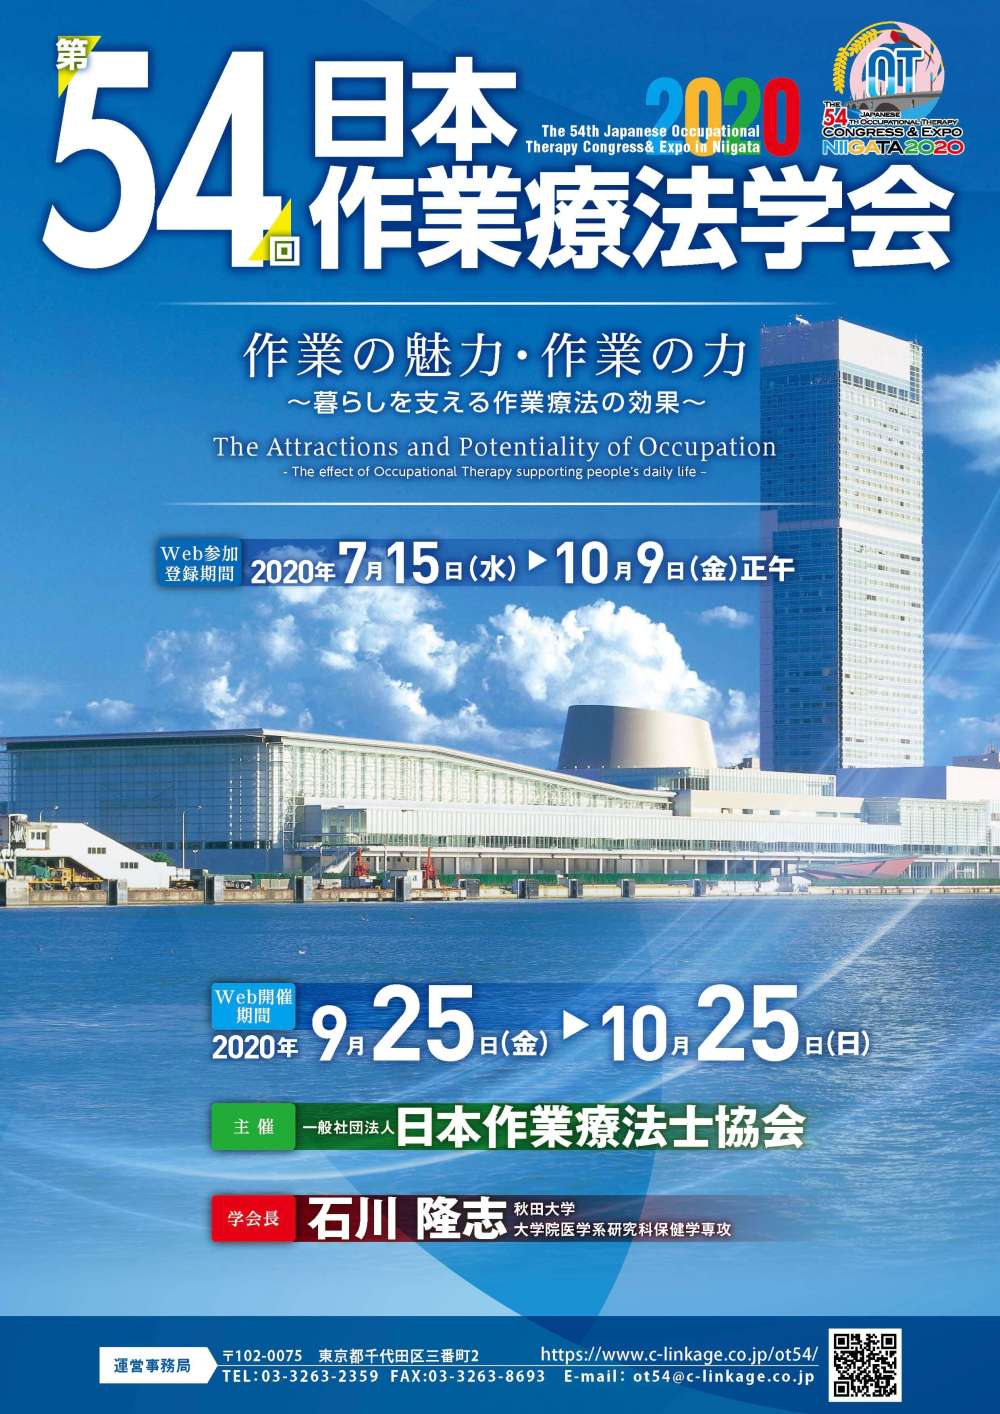 PT-OT-ST.NET【初Web開催】第54回日本作業療法学会、全プログラムをオンデマンド配信この記事を見た人はこんな記事も見ています